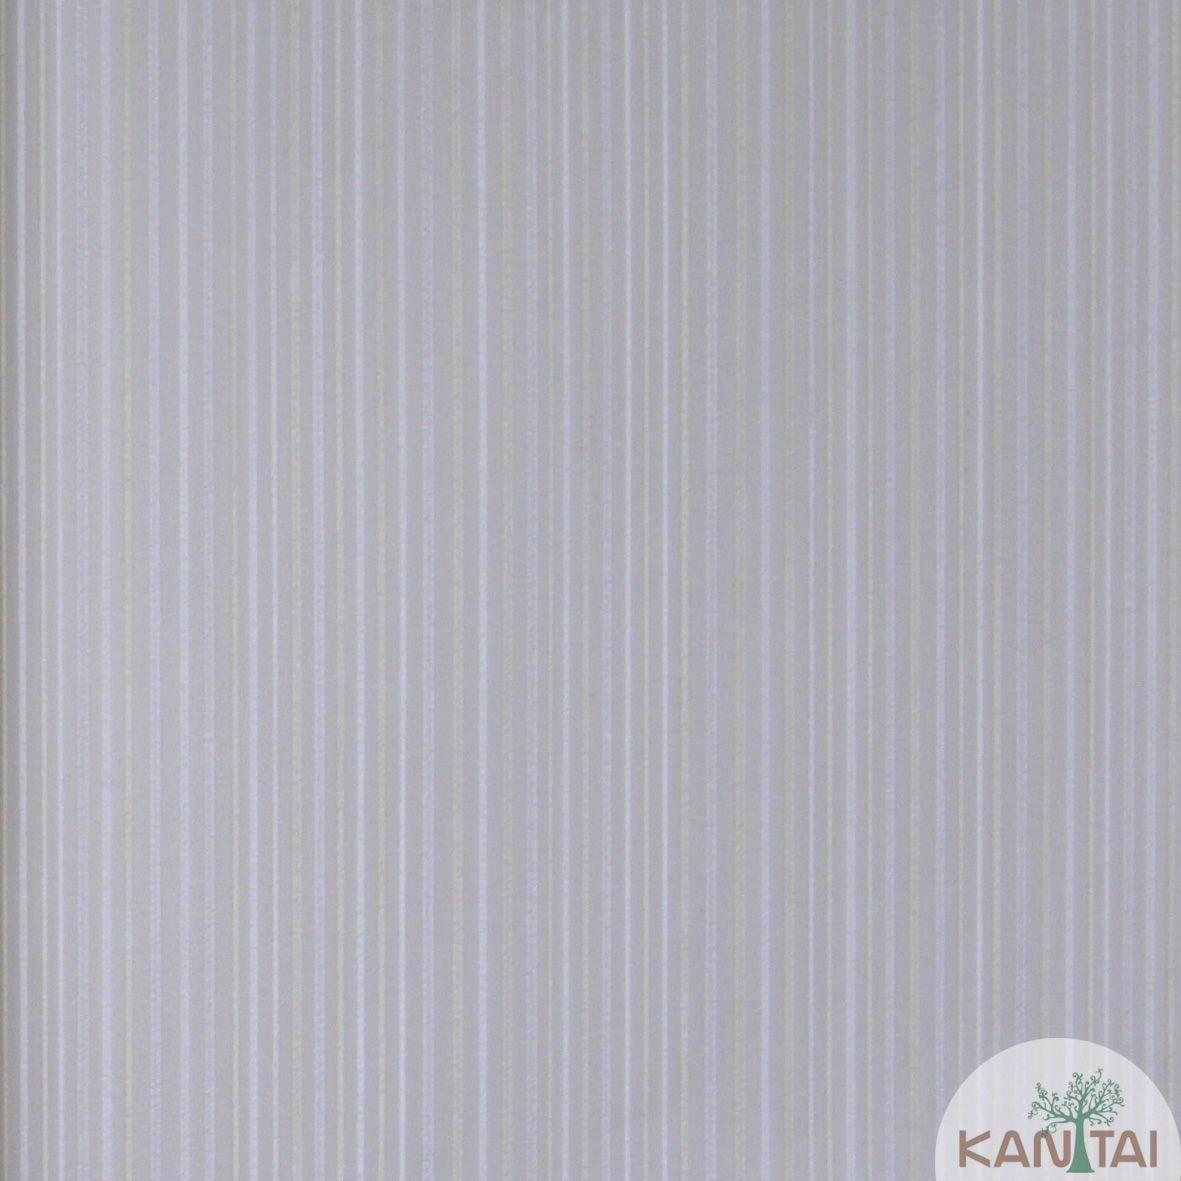 Papel de Parede Importado  Kan Tai TNT Coleção Grace Textura Listras Finas Bege claro, Cinza, Branco